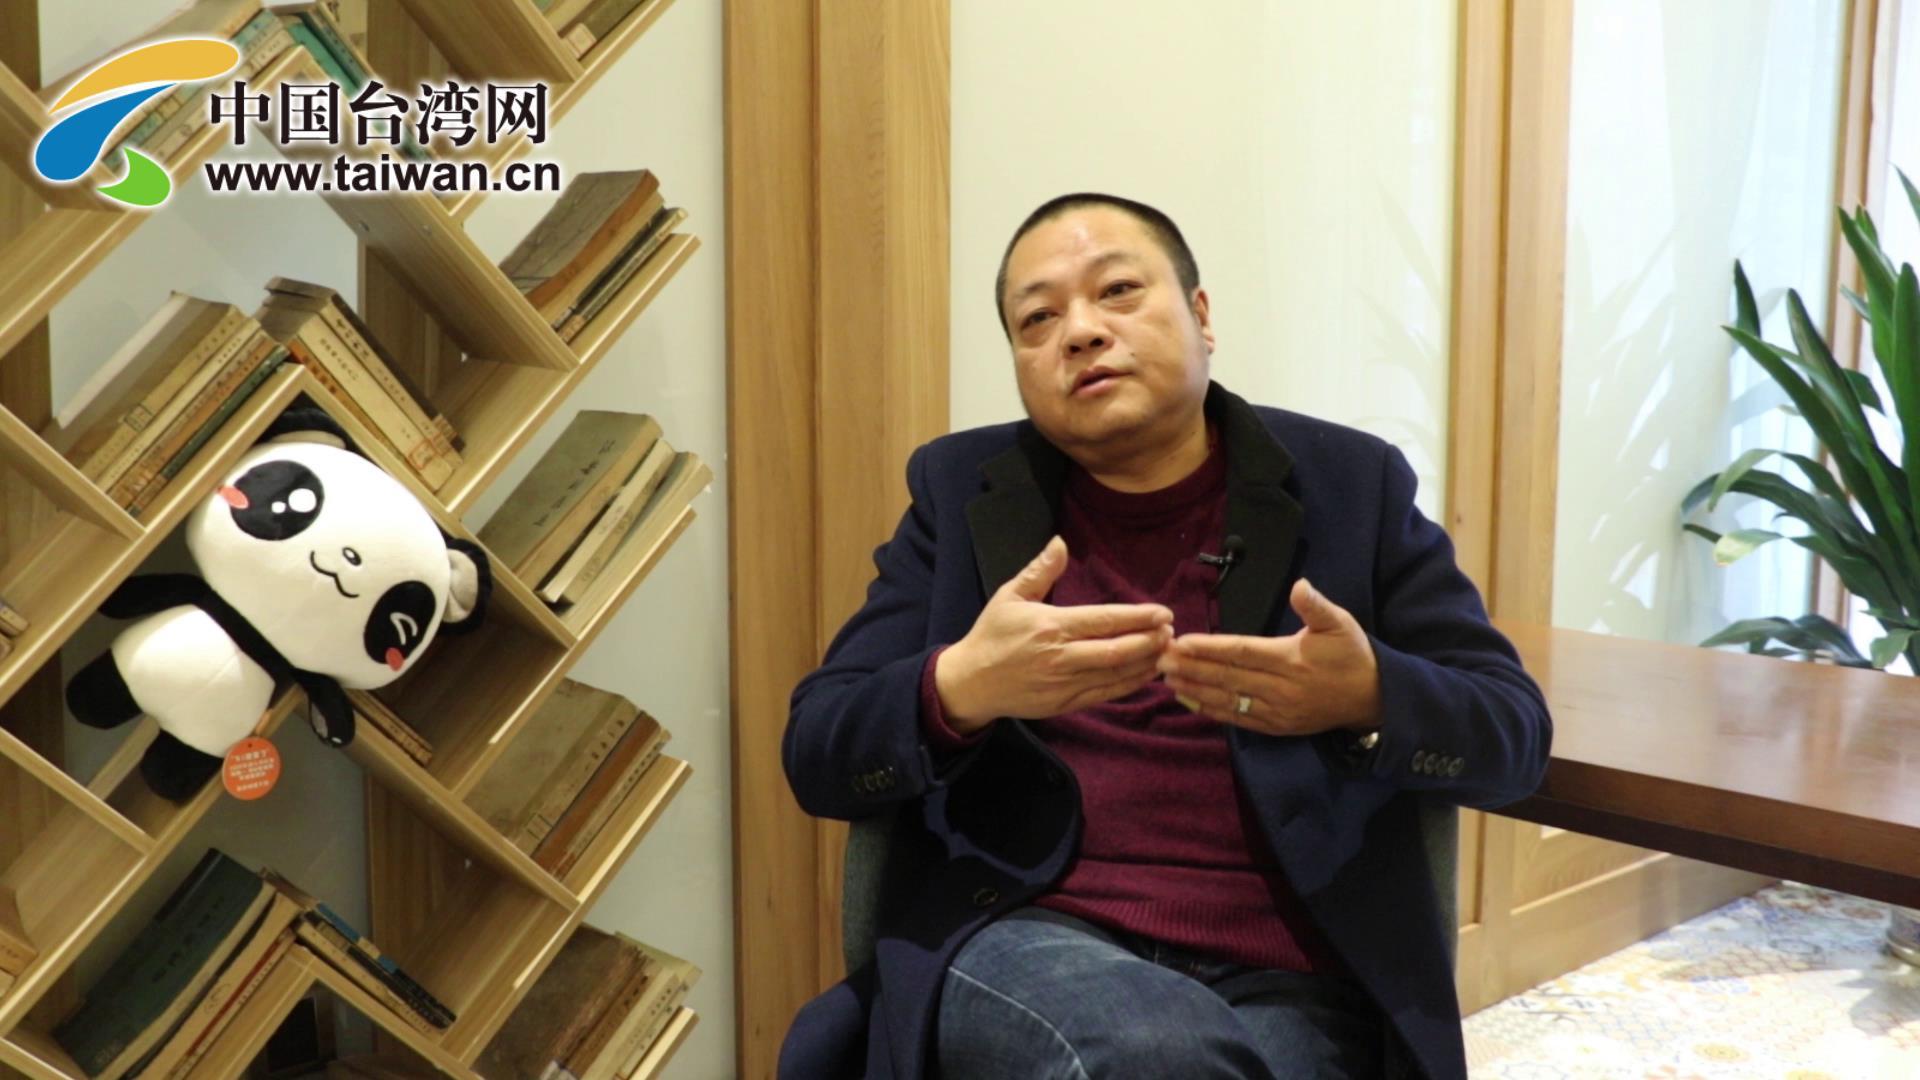 【融融觀蜀】臺胞:大陸的政策真正幫助了臺灣同胞圖片